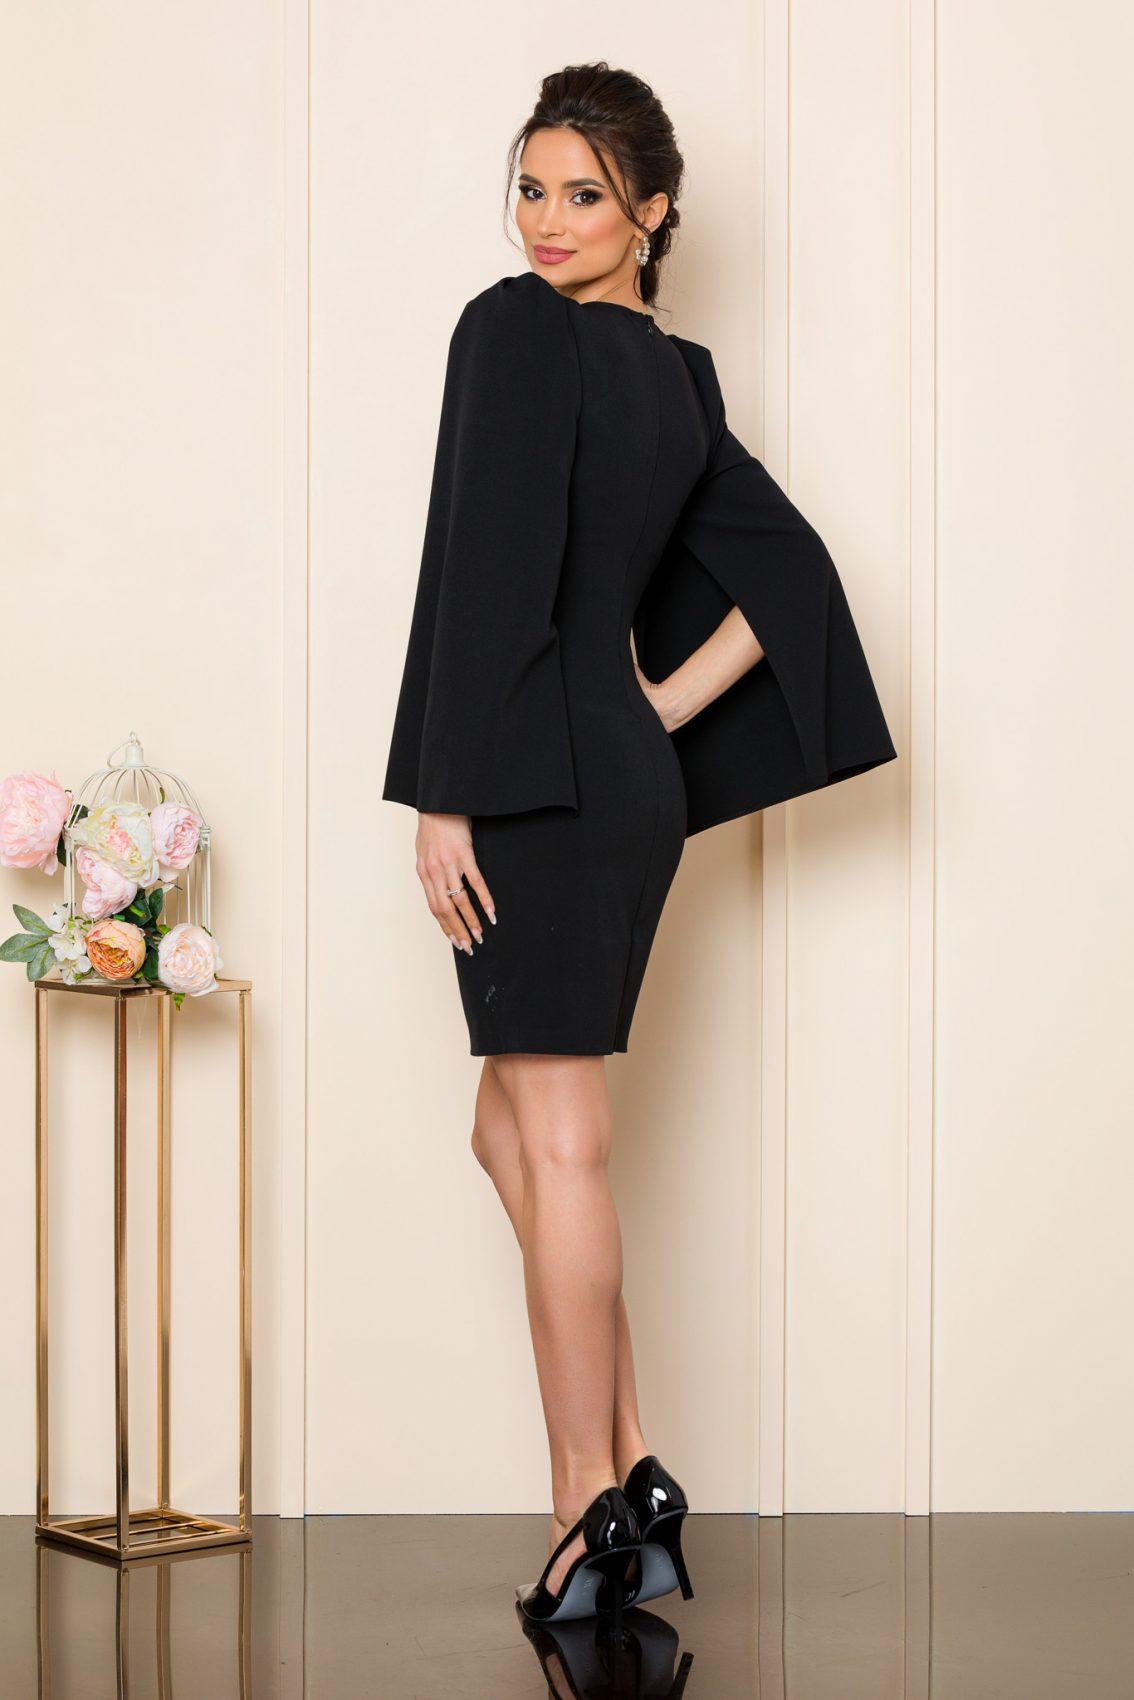 Μαύρο Μίνι Φόρεμα Dulce 9843 2